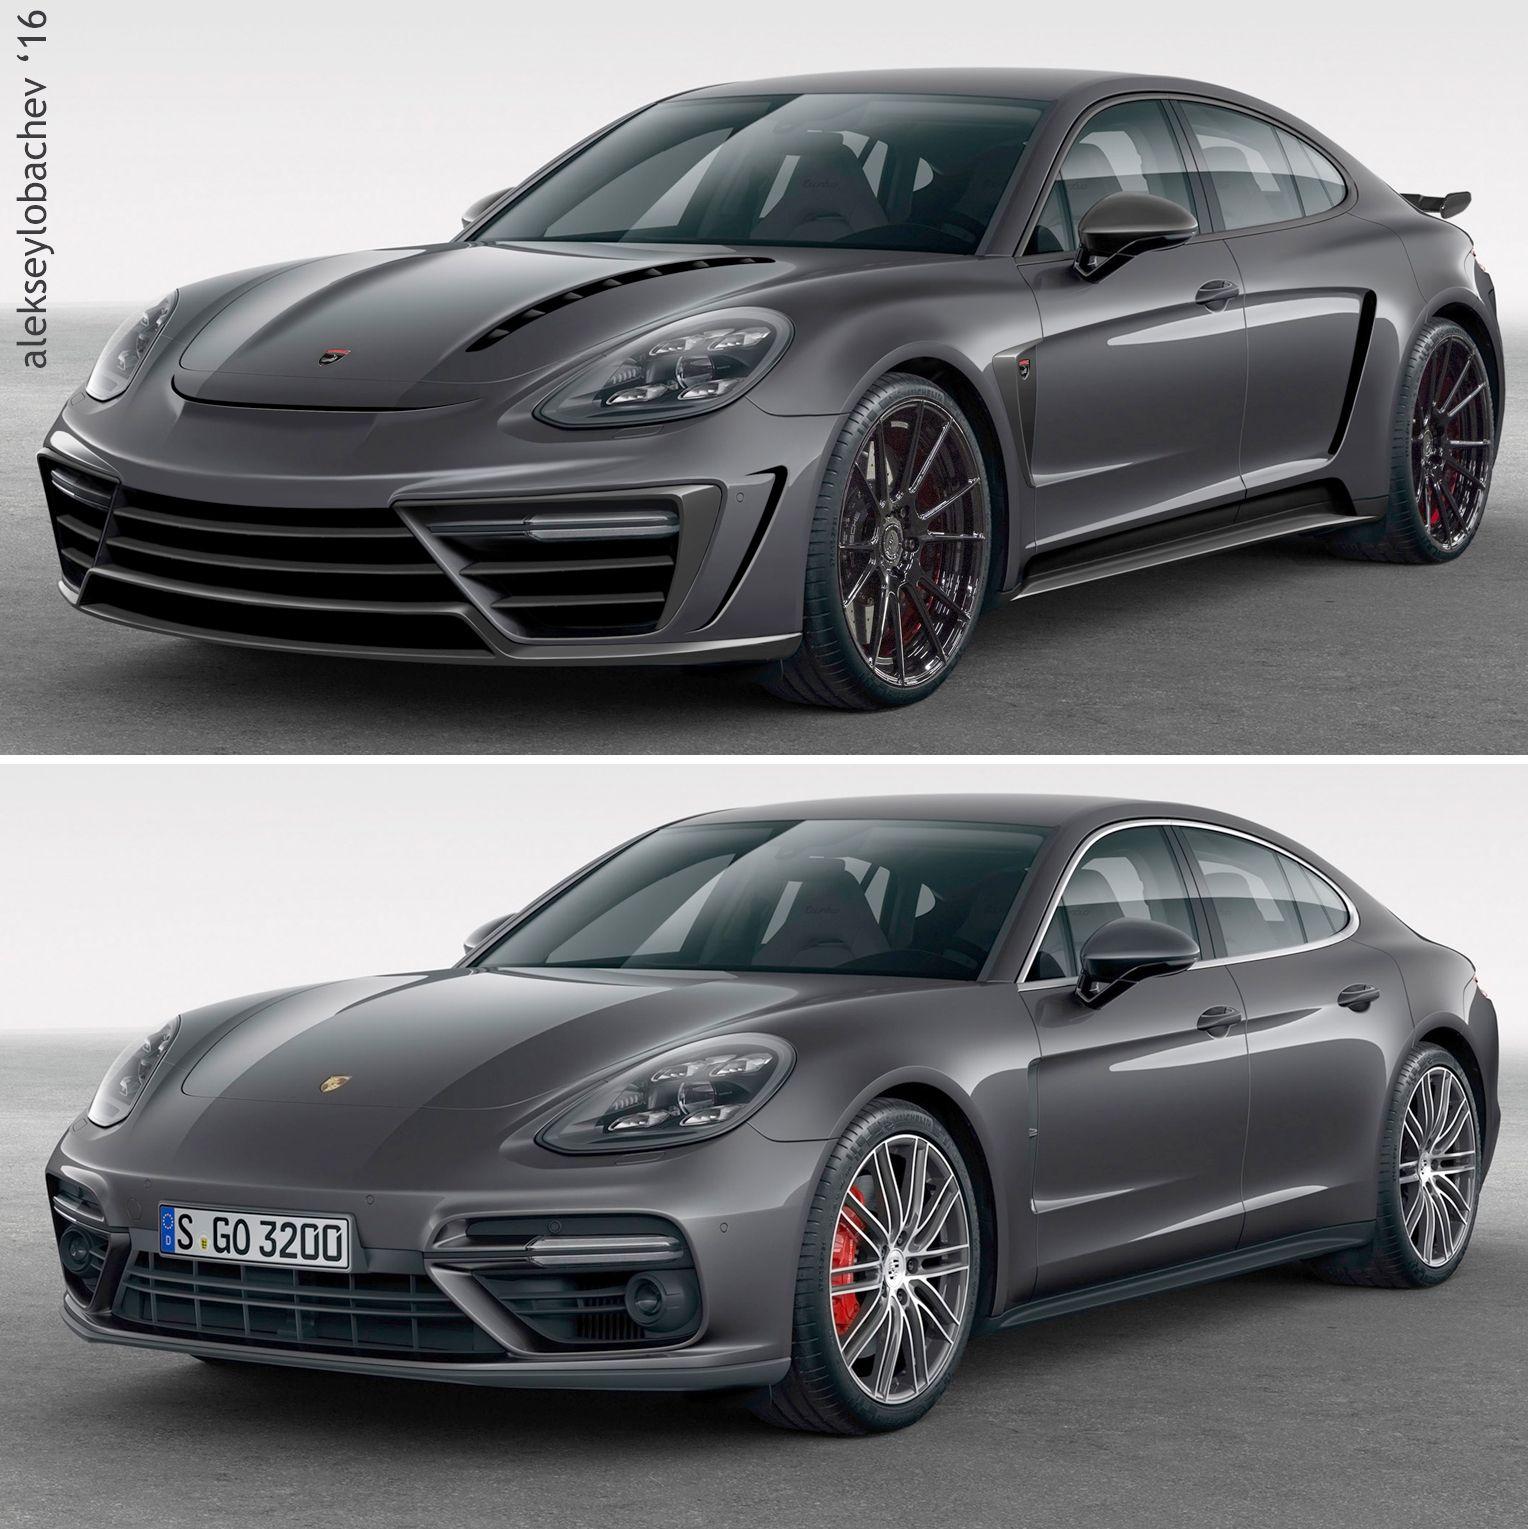 Porsche Car Show: Sketch Porsche Panamera 2017 Top Car